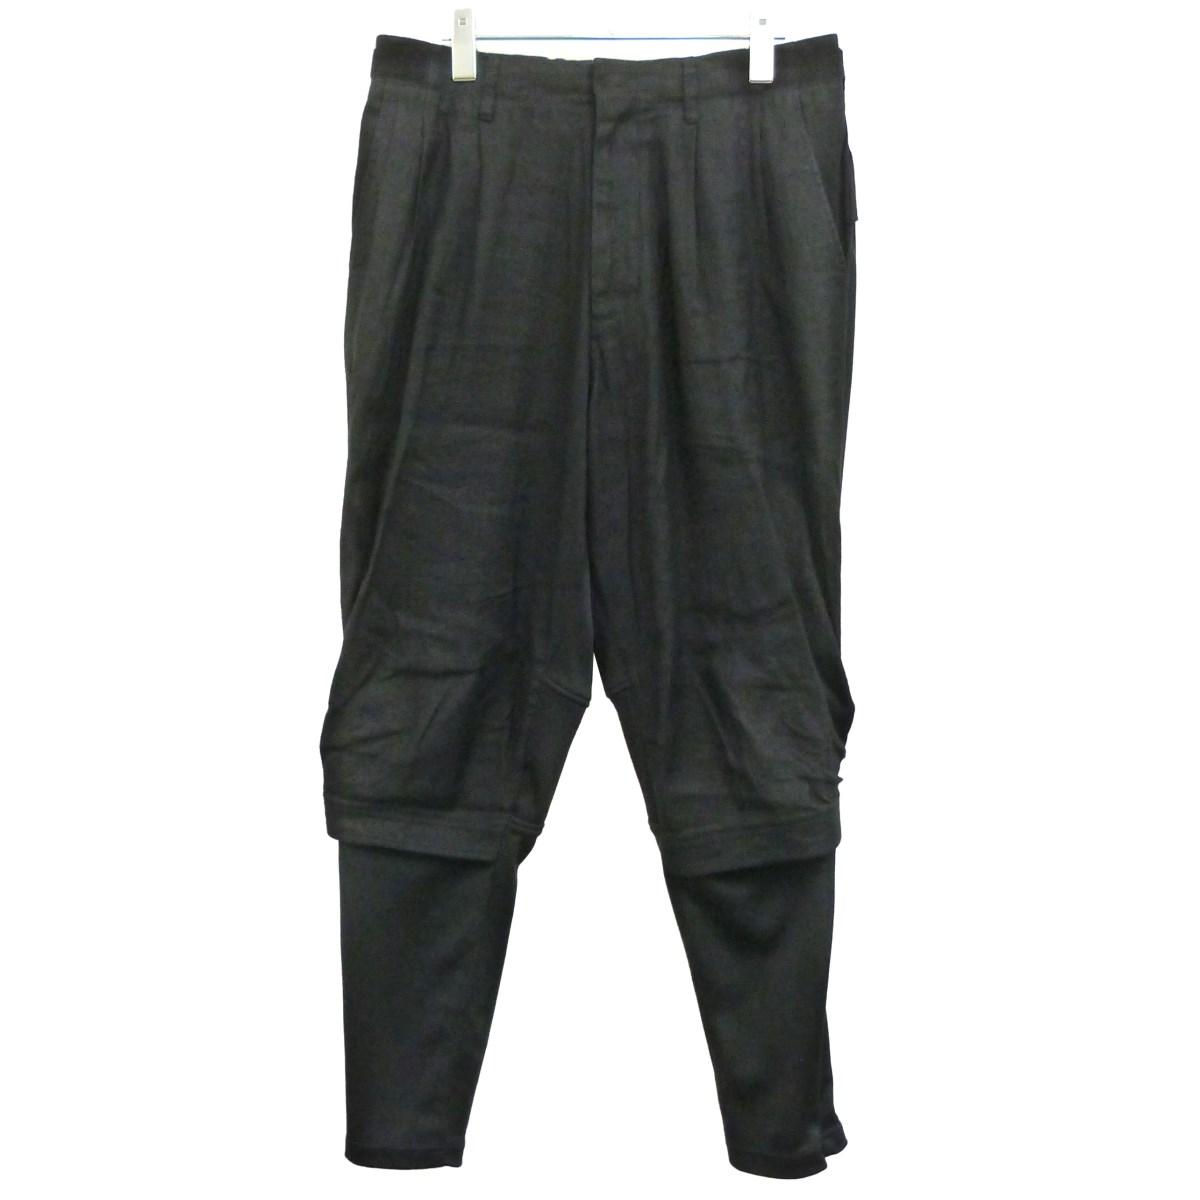 【中古】Y-3 19SS「M PAPER COTTON MAT MIX PANTS」パンツ ブラック サイズ:M 【040620】(ワイスリー)